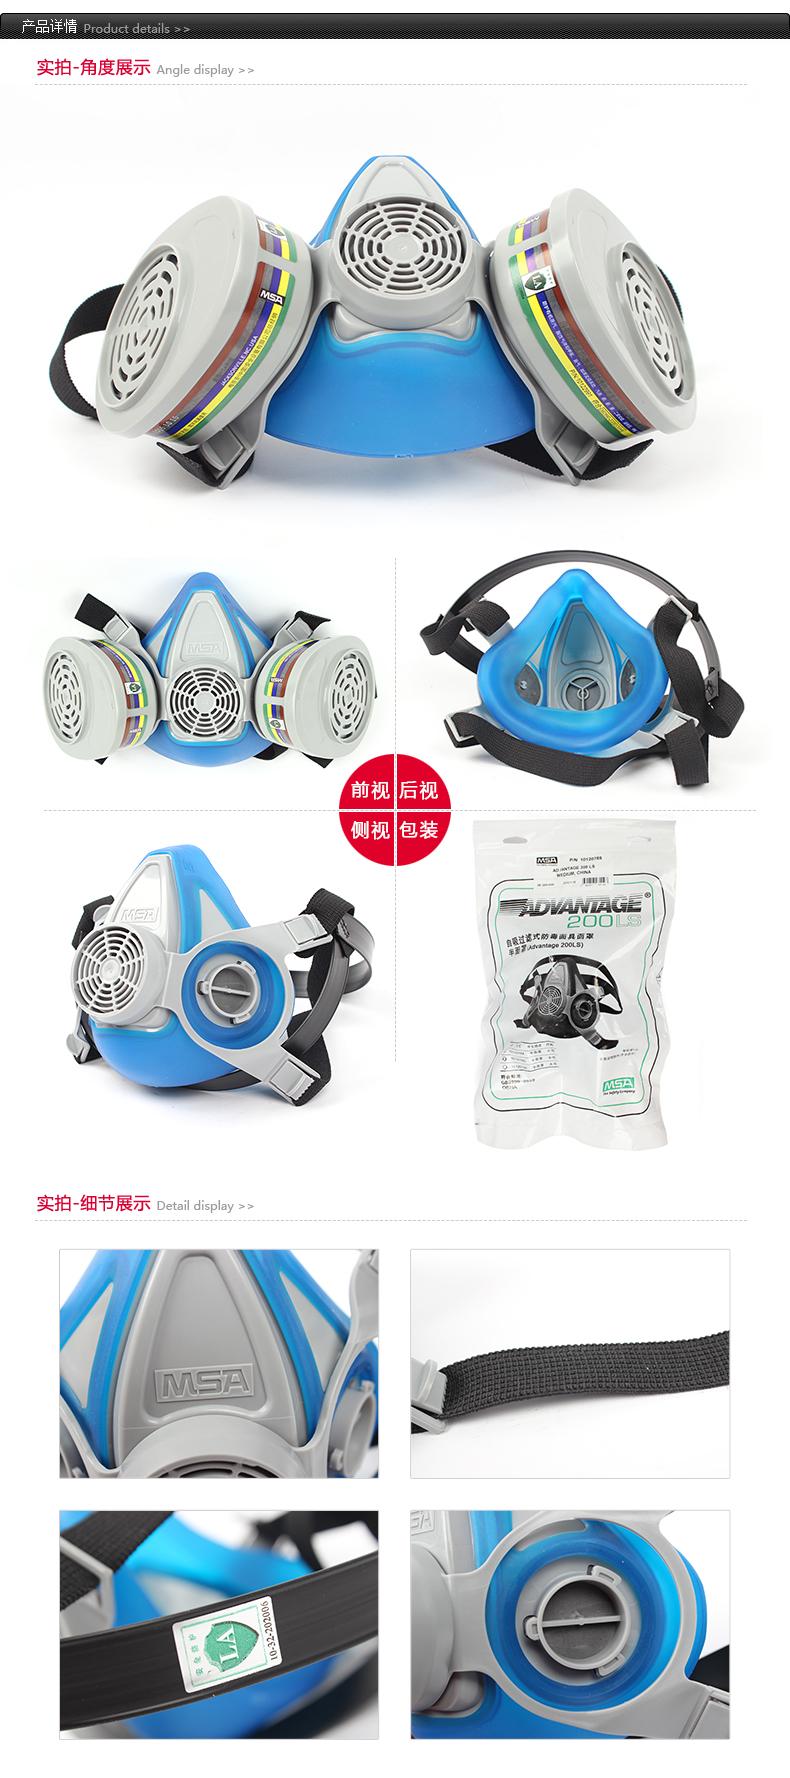 梅思安 10120785Advantage优越系列200LS型半面罩呼吸器 中号(老编号815444)